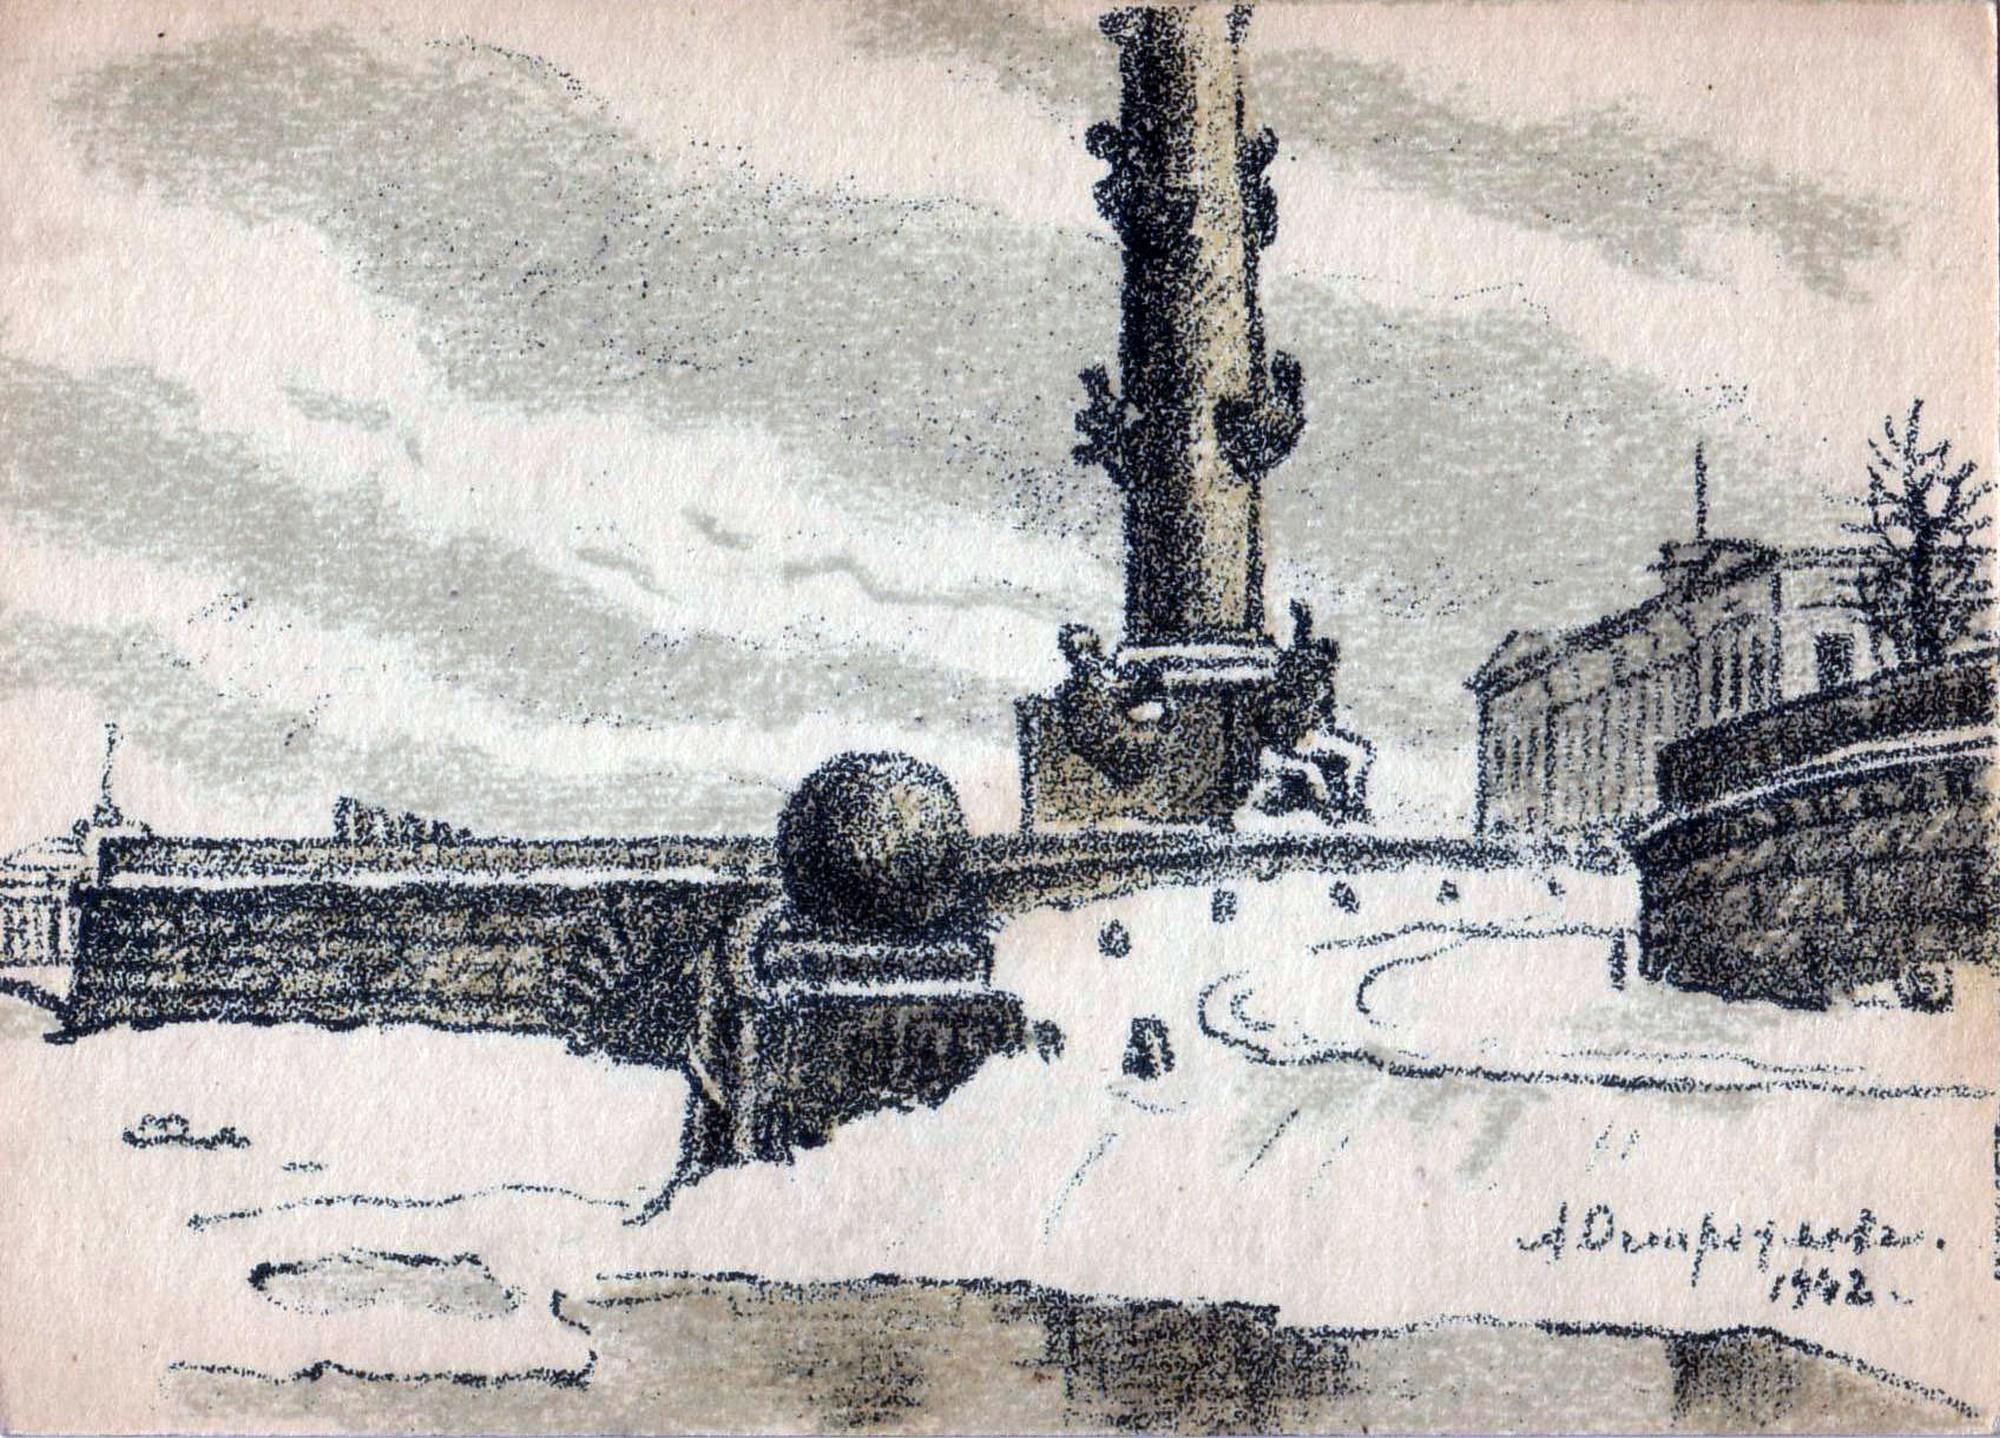 Один из гранитных шаров работы Суханова на открытке А.П.Остроумовой-Лебедевой, 1942 г. Илл.: babs71.livejournal.com.